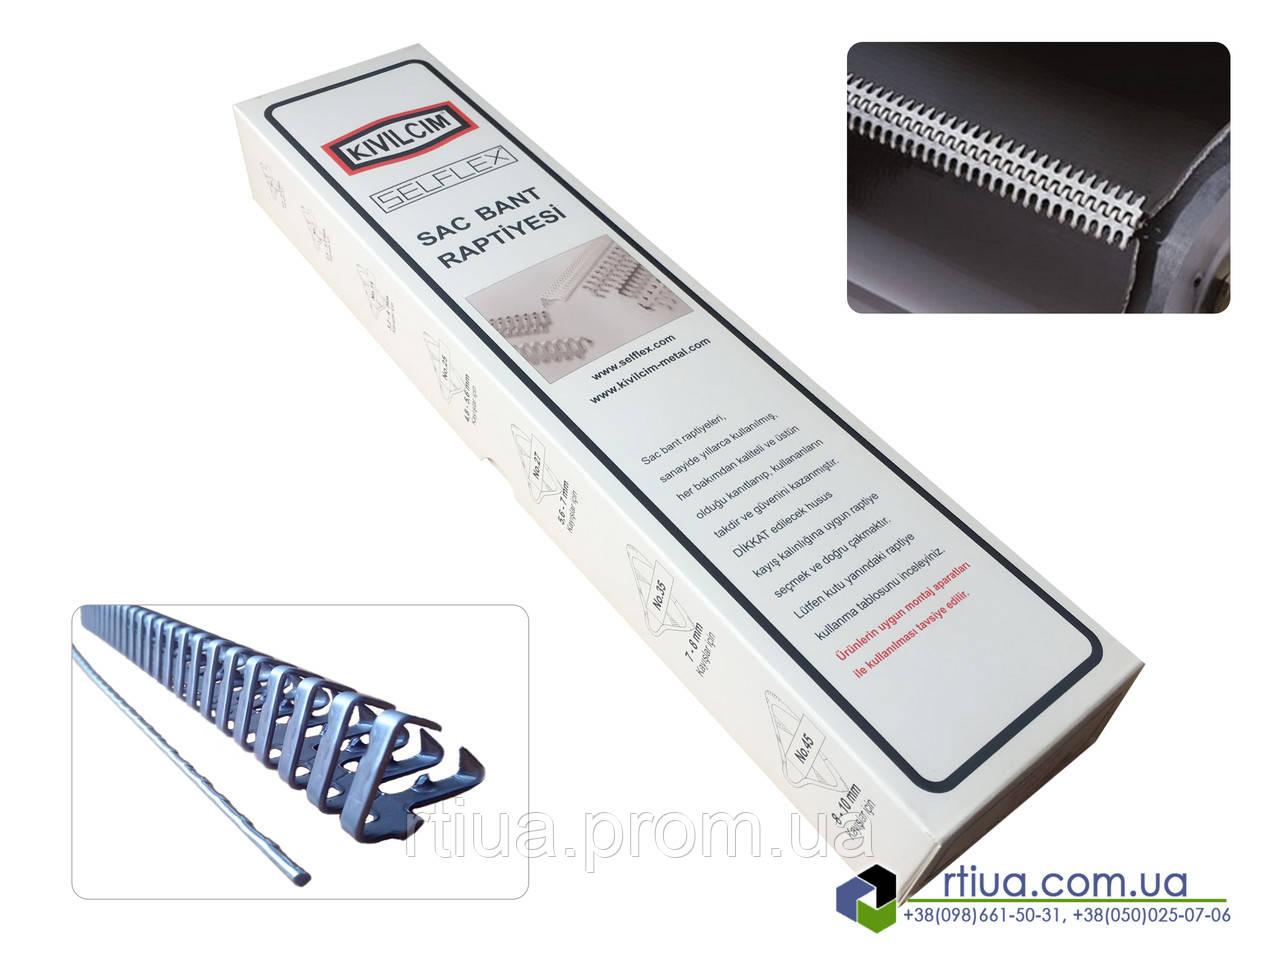 Соединитель Kivilcim №45 для транспортерной ленты 8,0 - 10,0 мм